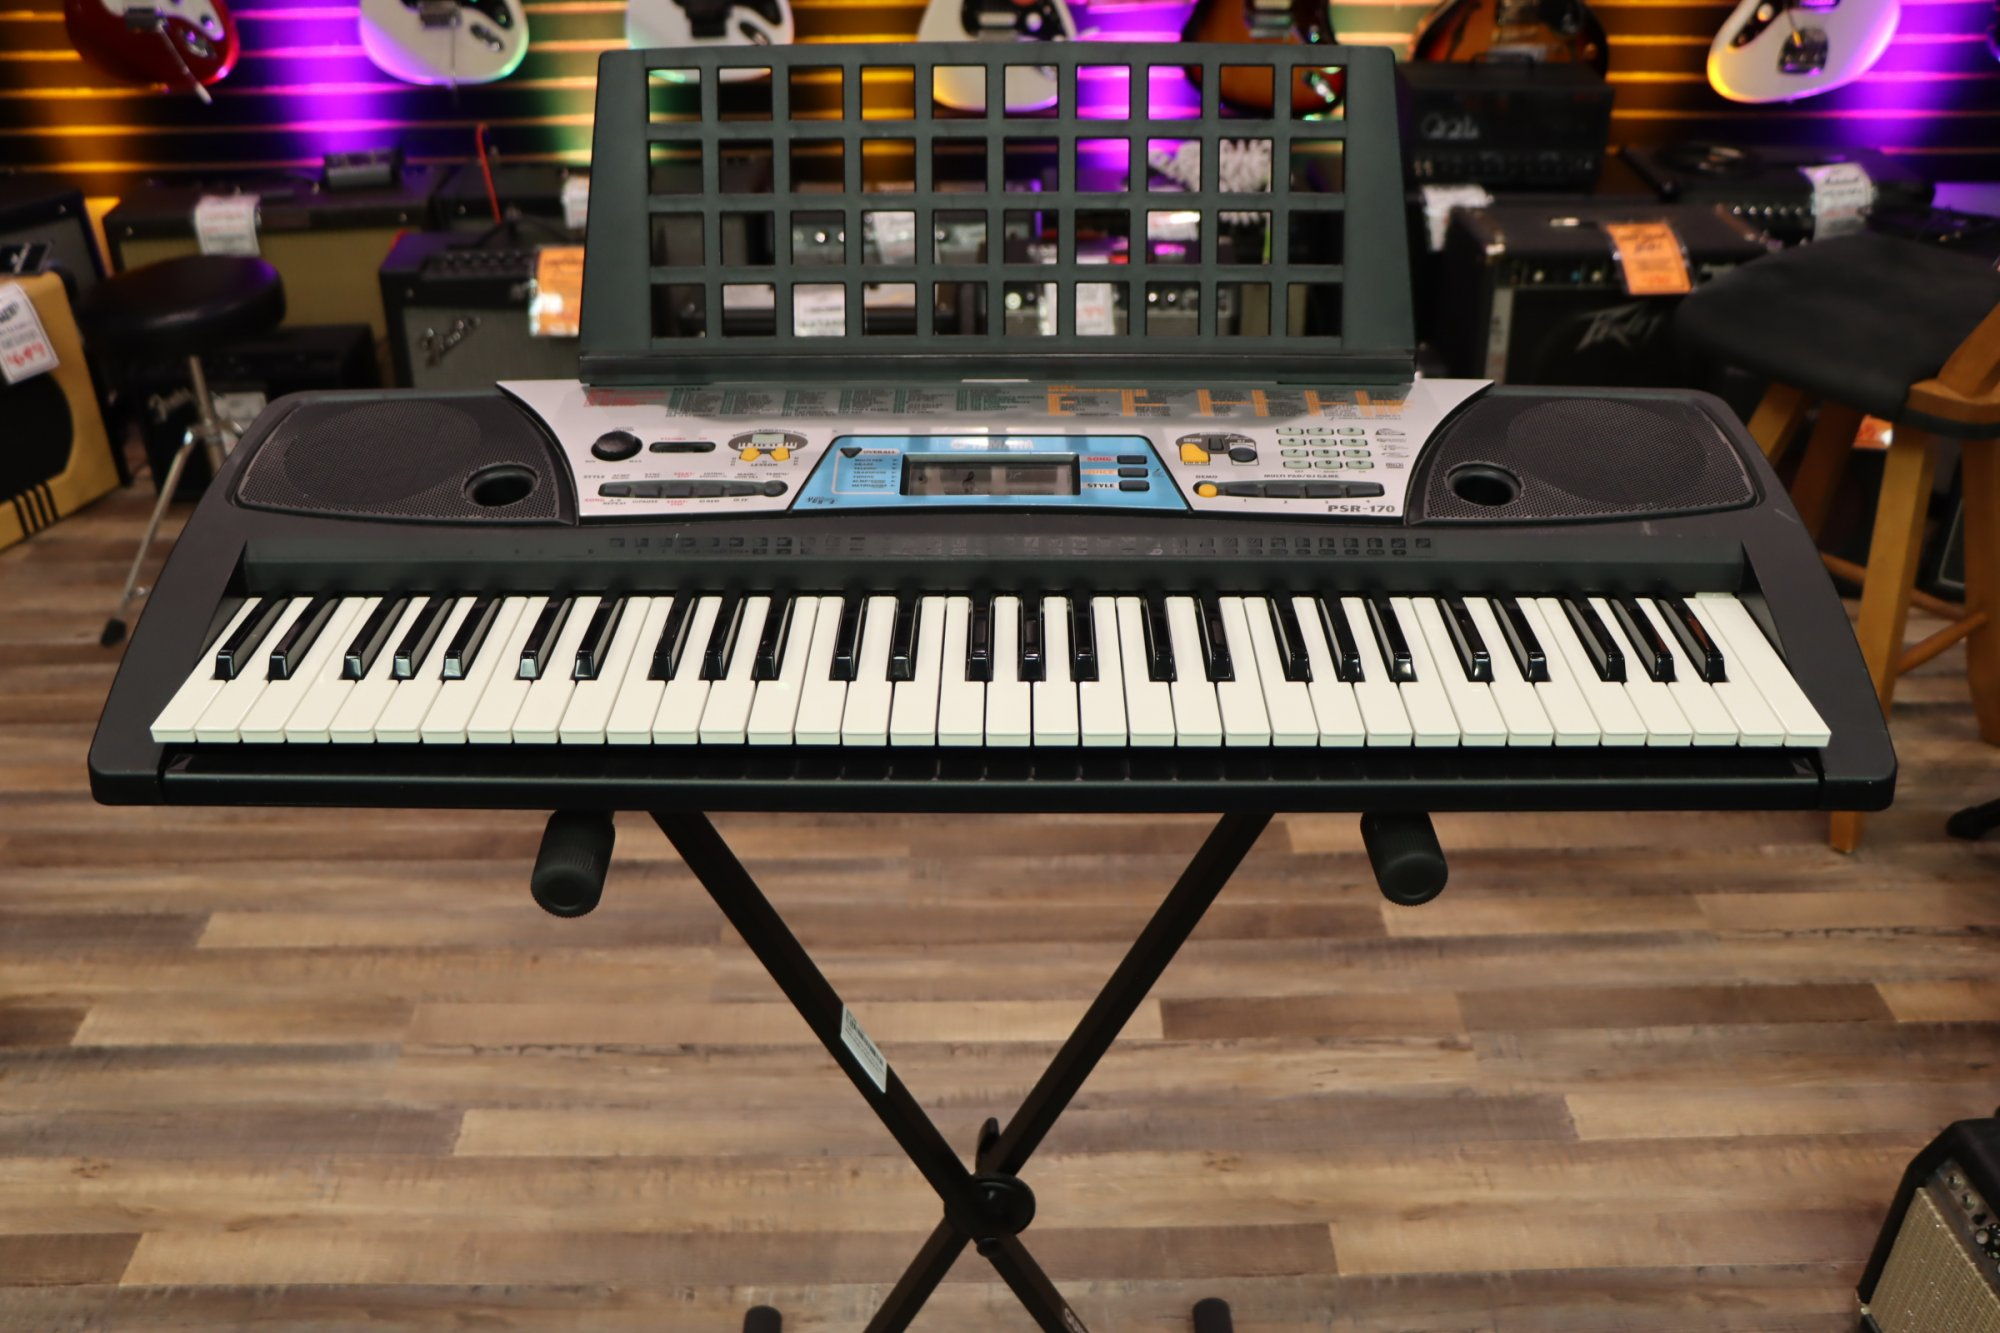 USED Yamaha PSR-170 Student Model 61-Key Keyboard